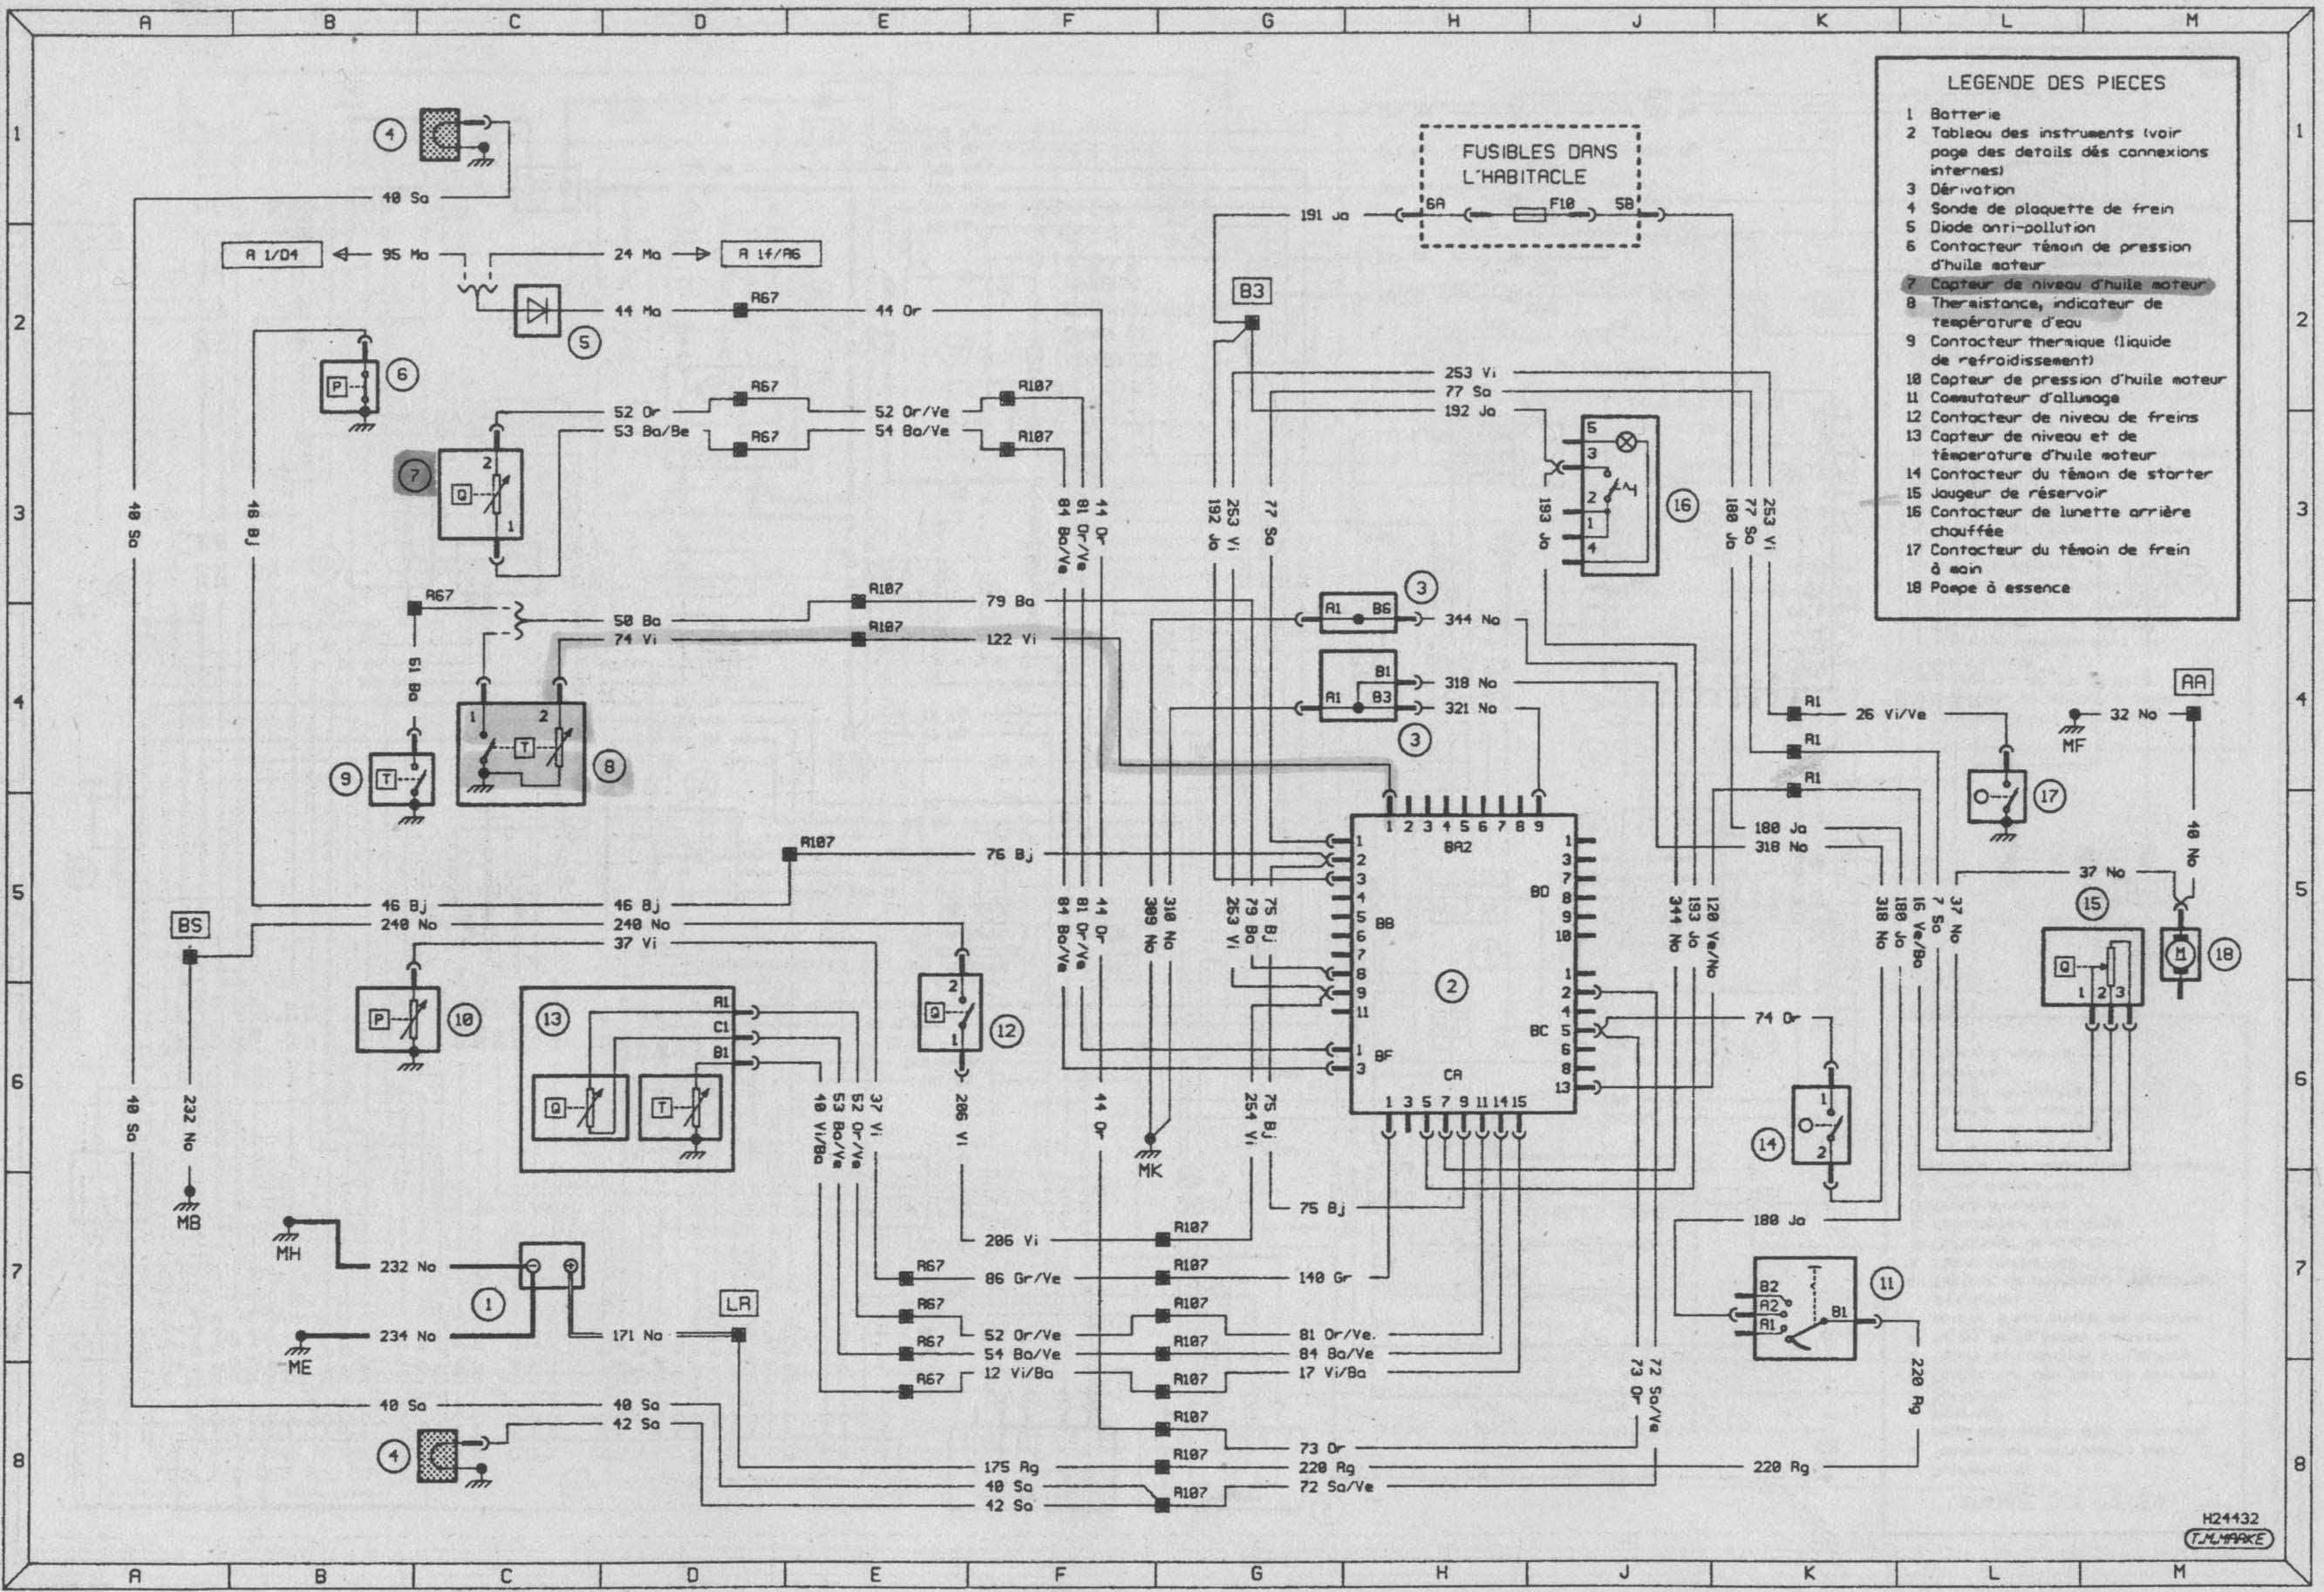 Schema electrique clignotant clio 3